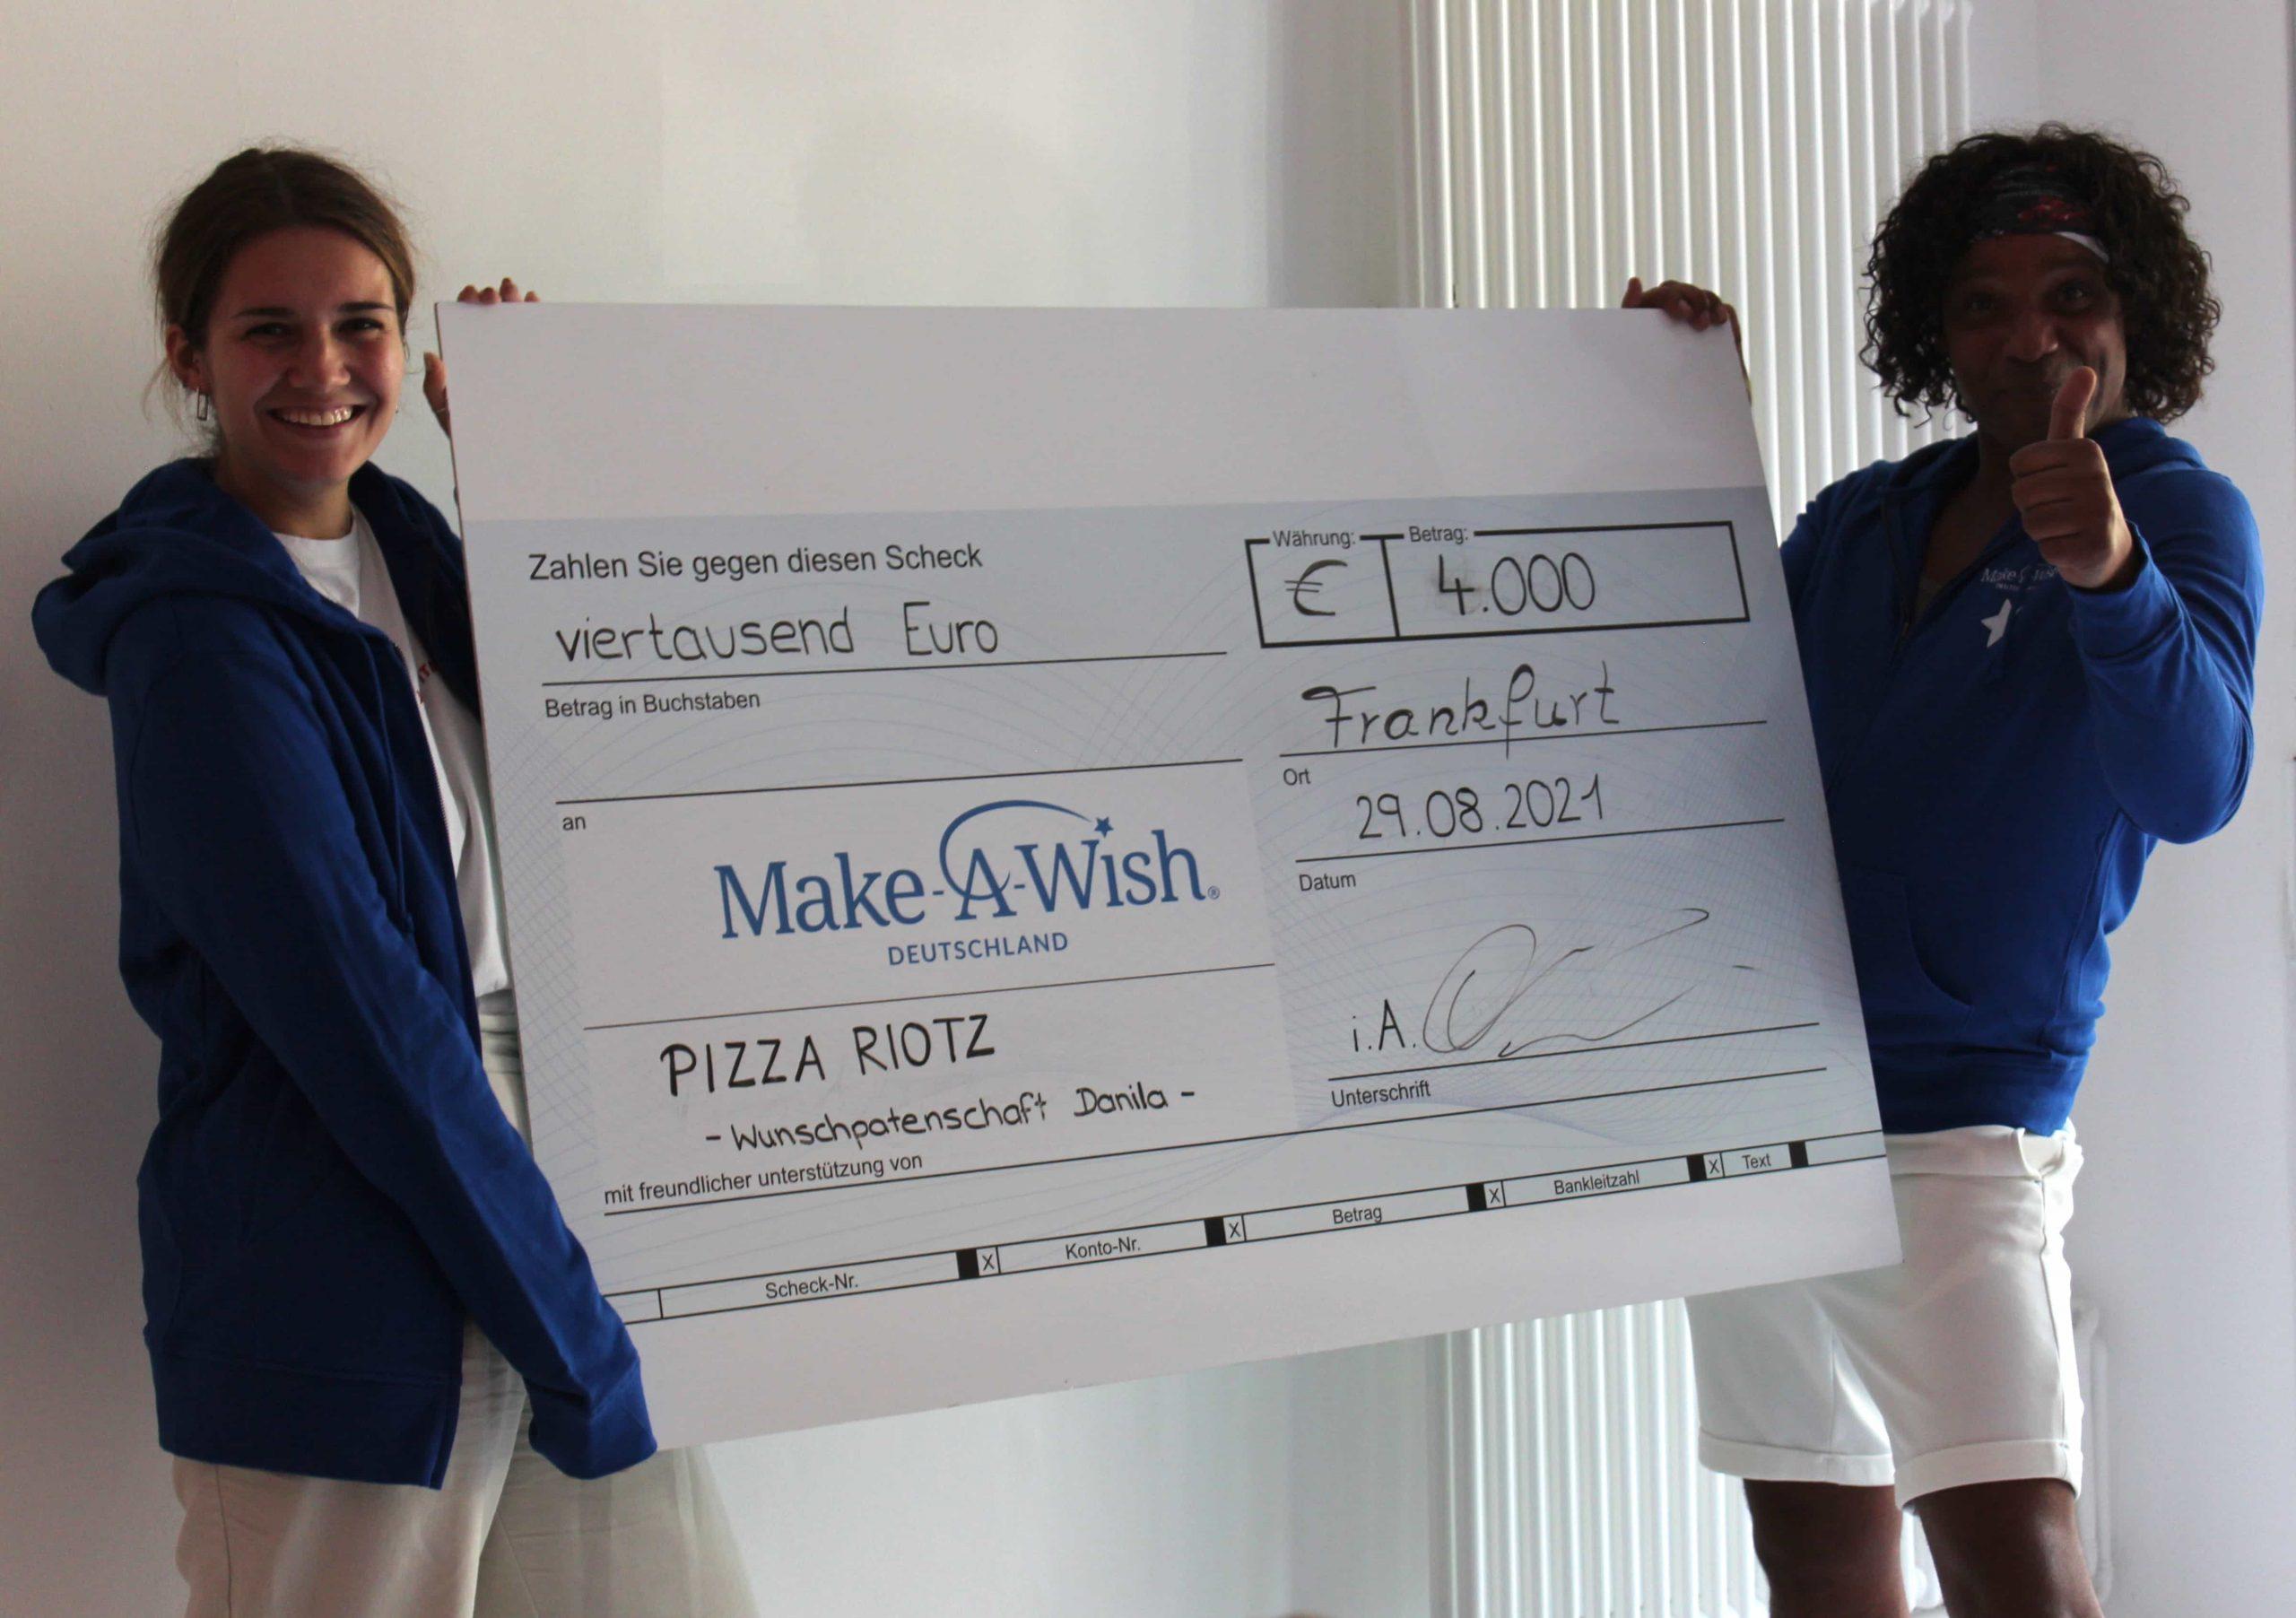 Make-A-Wish-Deutschland-Aktuelles-Scheckbild-Pizza-riotz